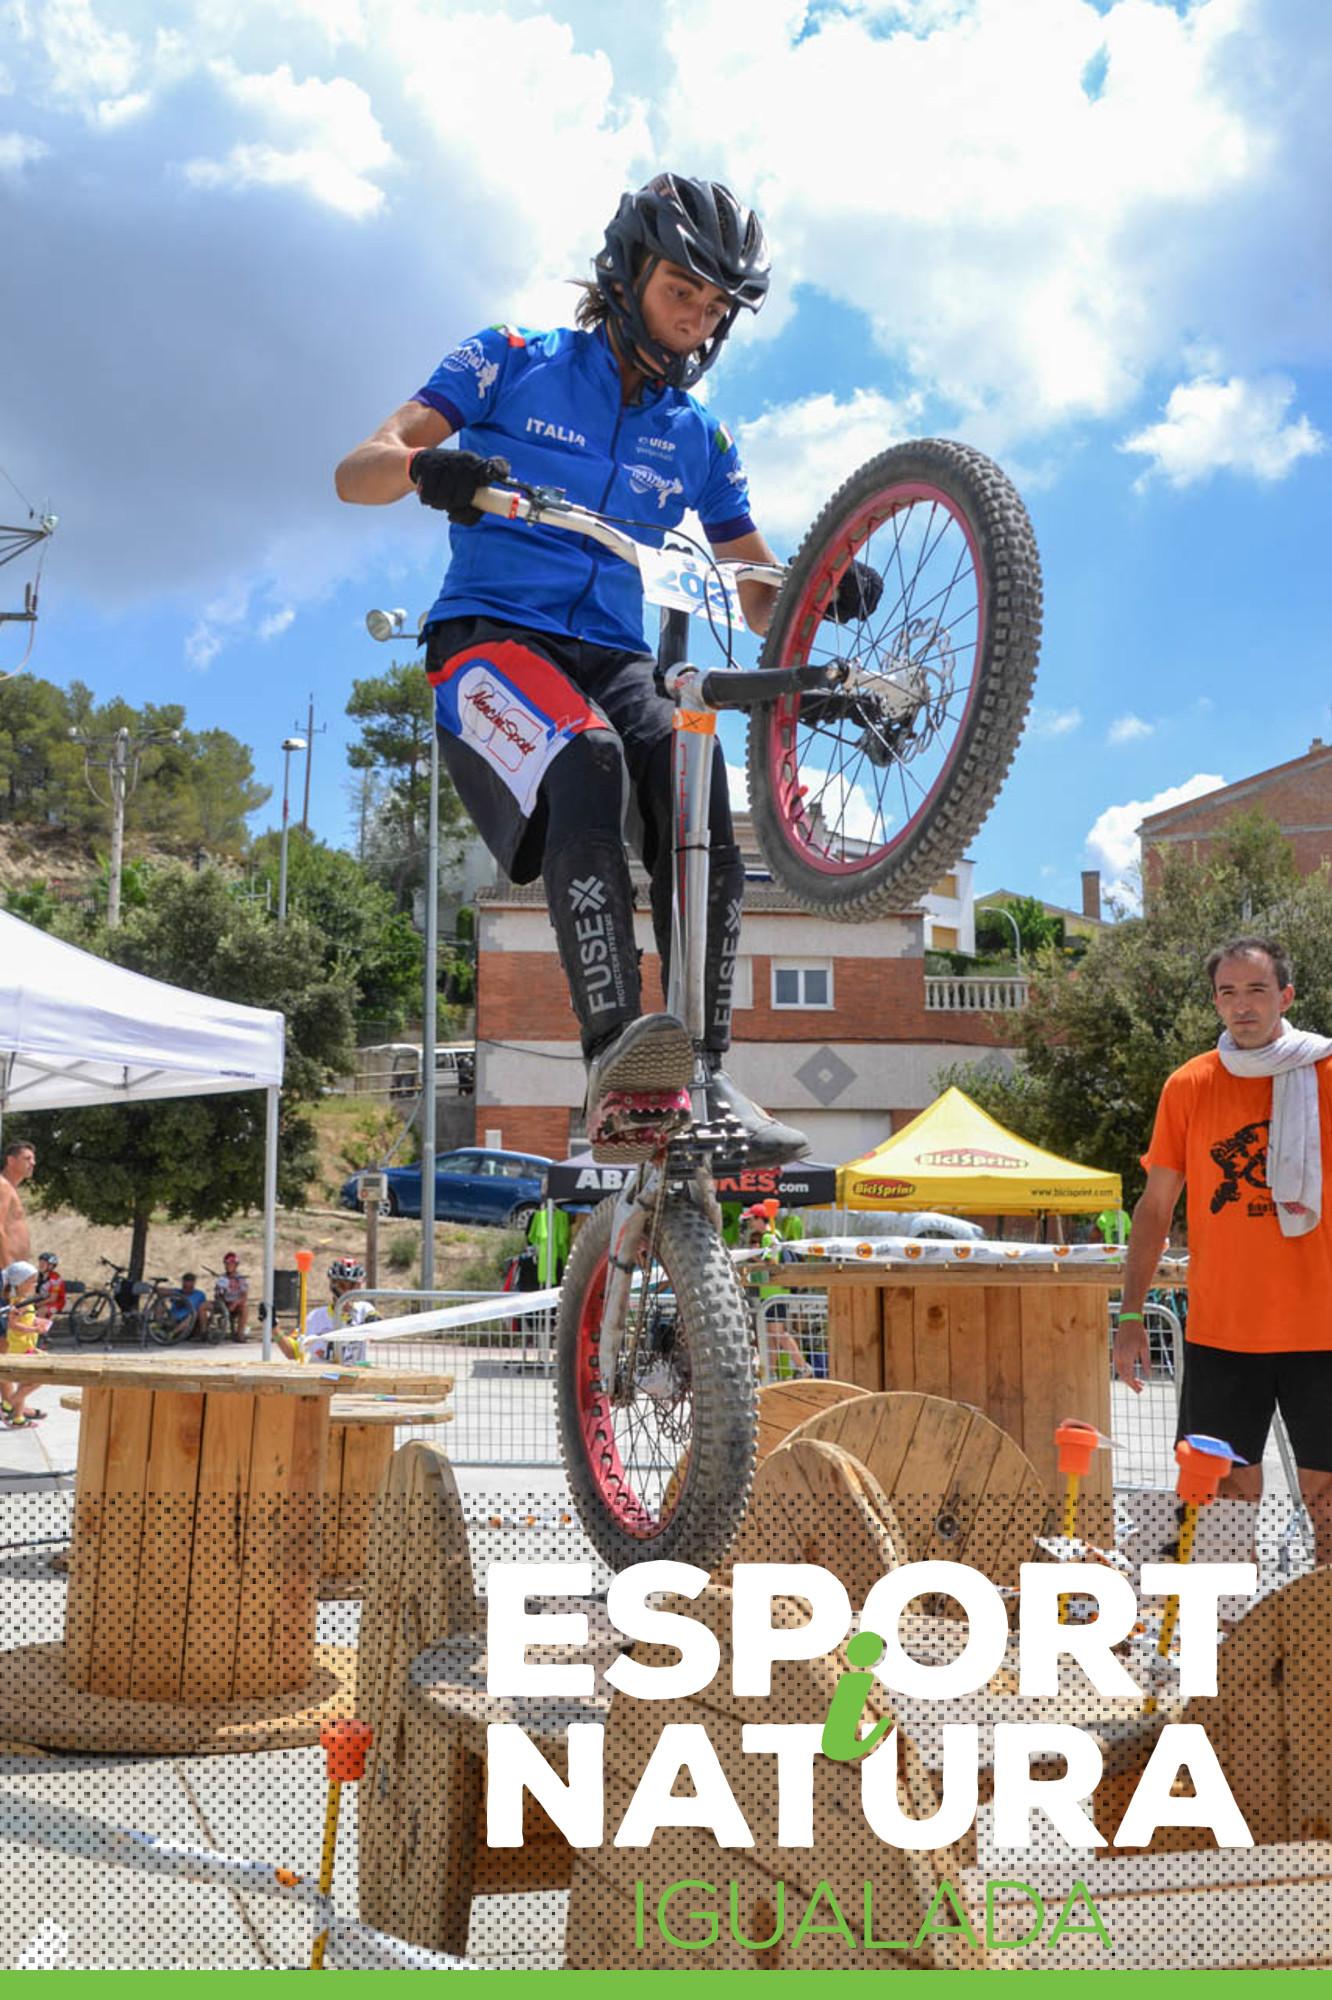 L'Esport i Natura acollirà el Campionat de Catalunya de Biketrial